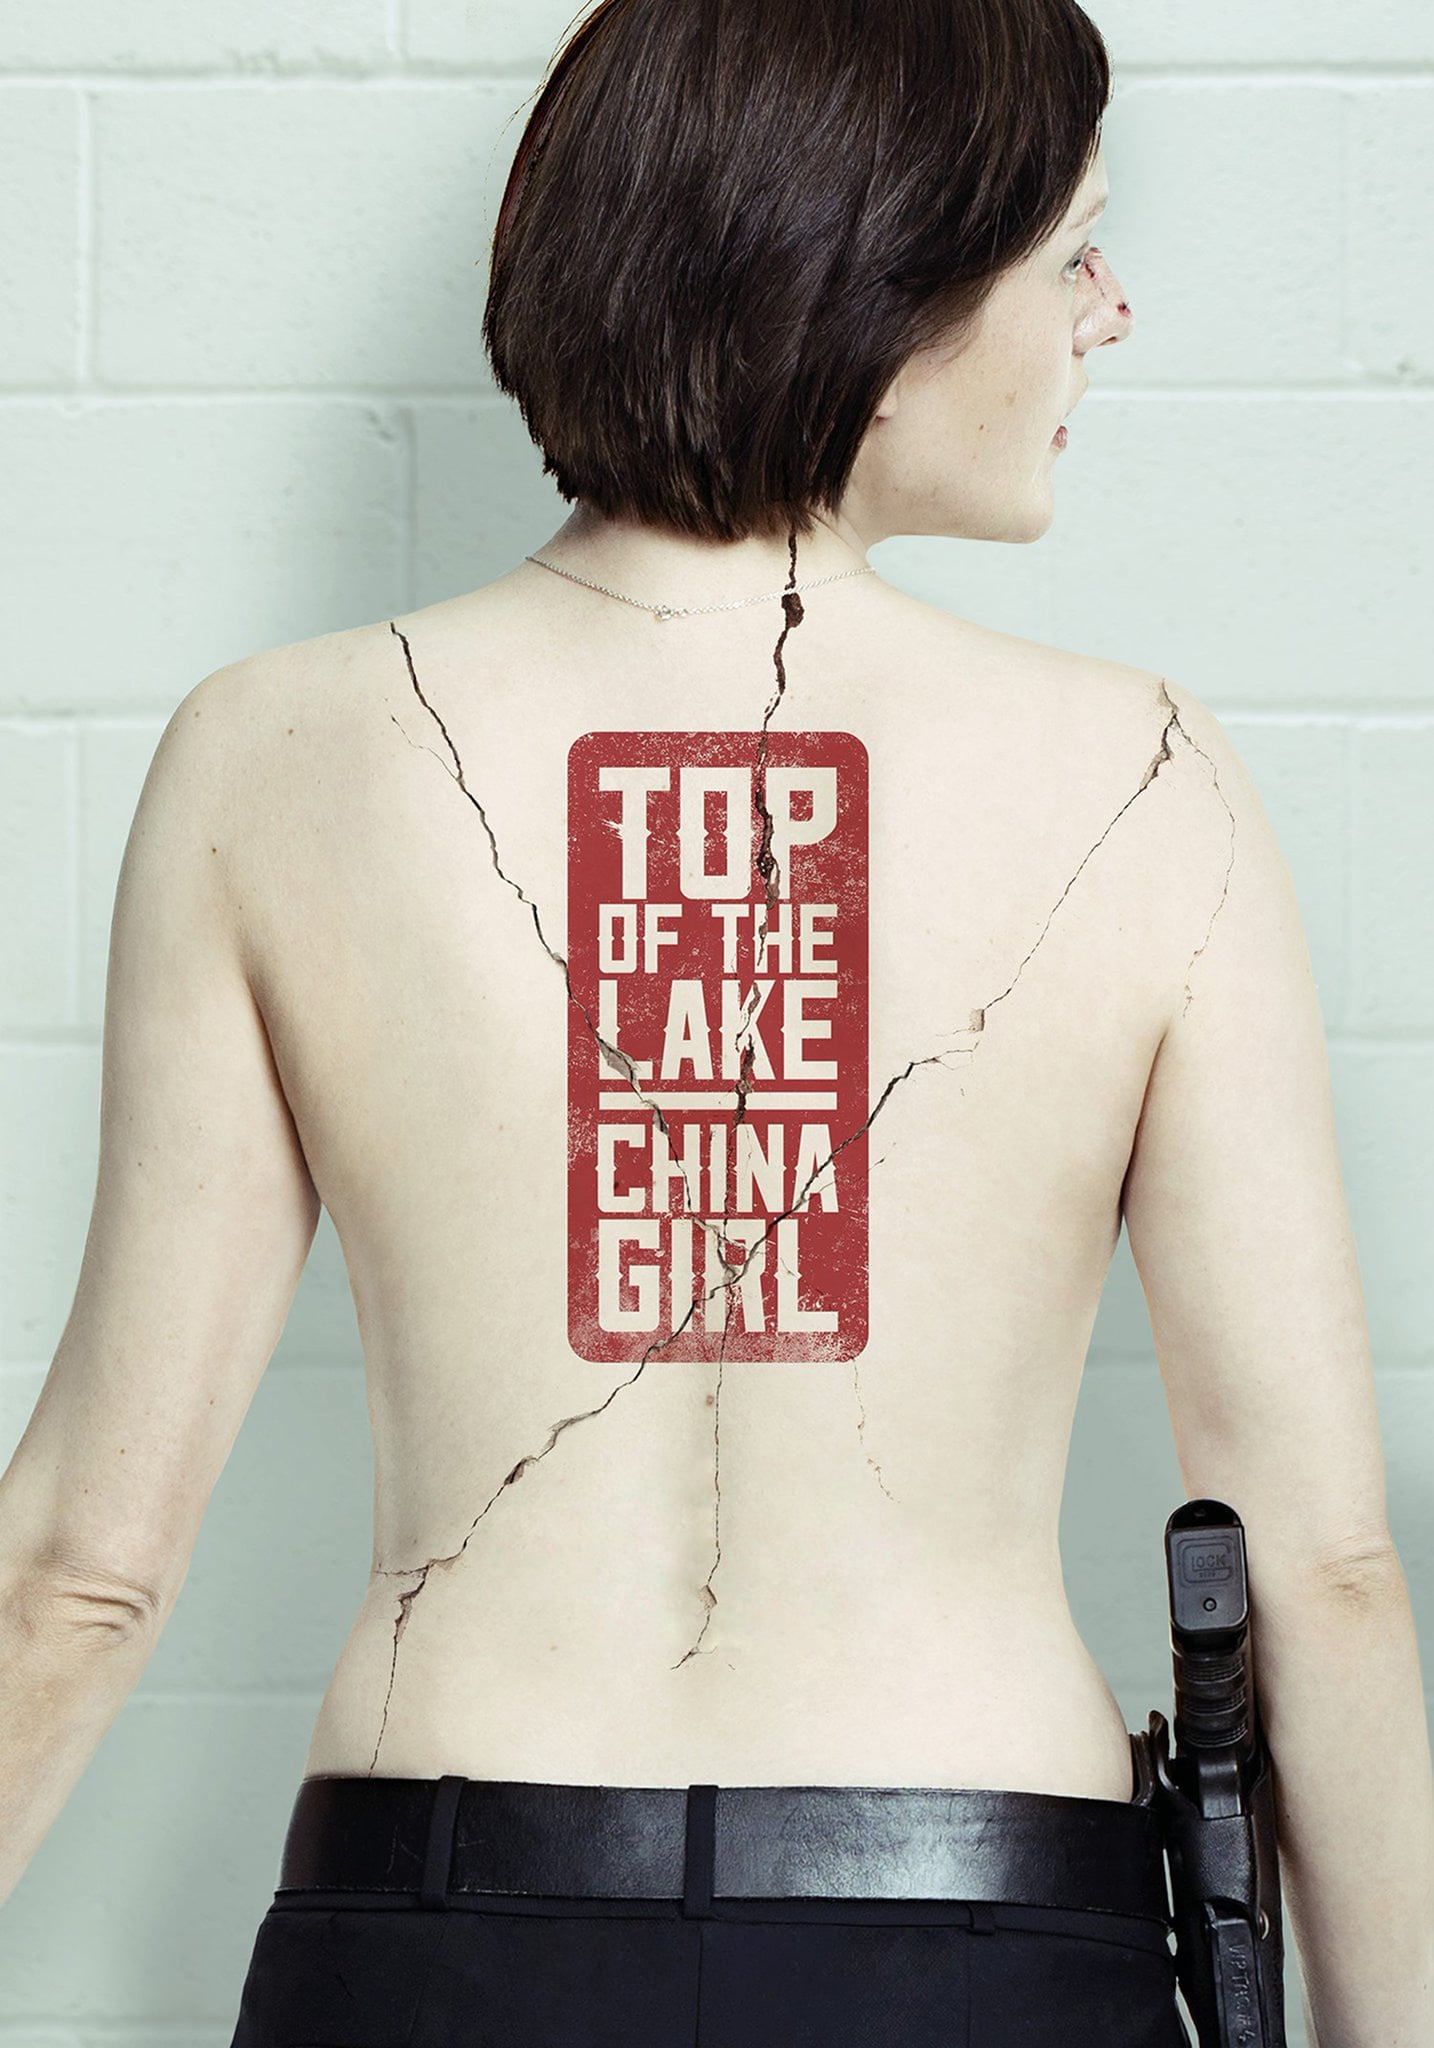 谜湖之巅 第二季 Top of the Lake